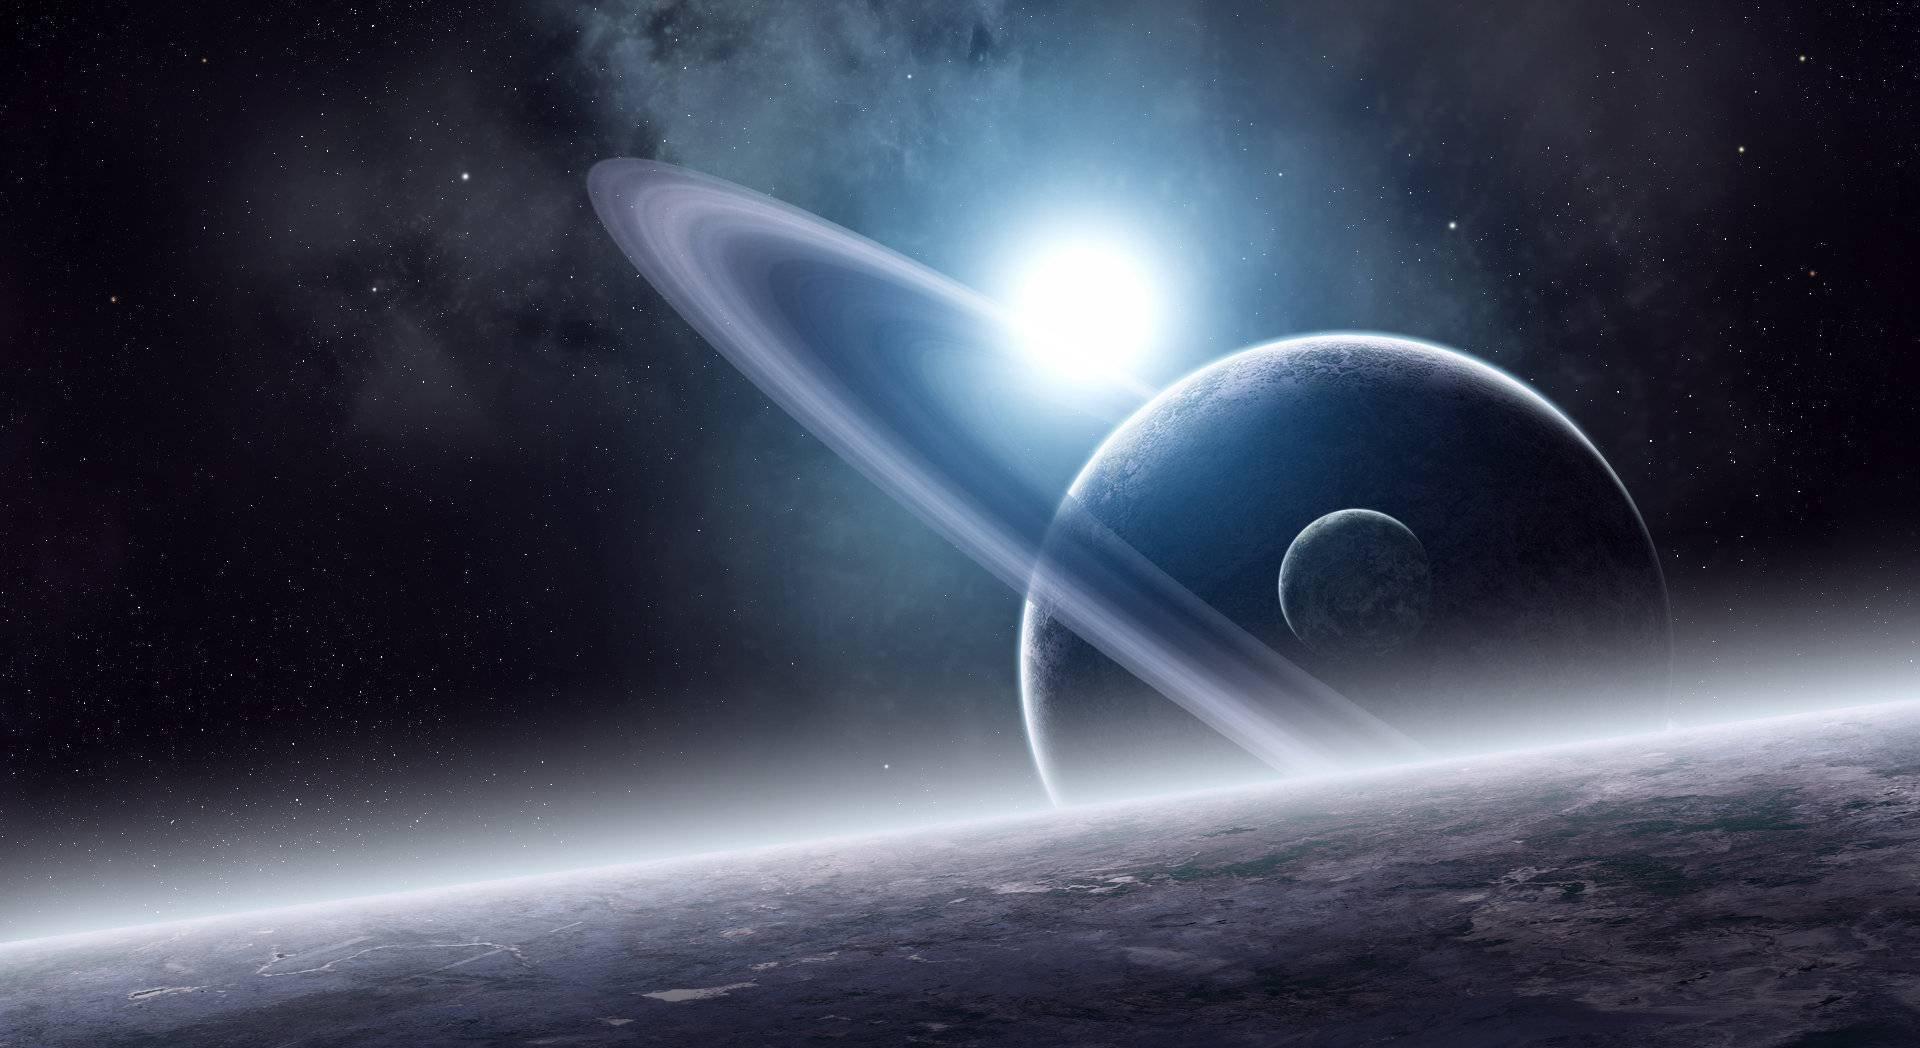 Ученые поведали опоследствиях сближения Сатурна иЗемли